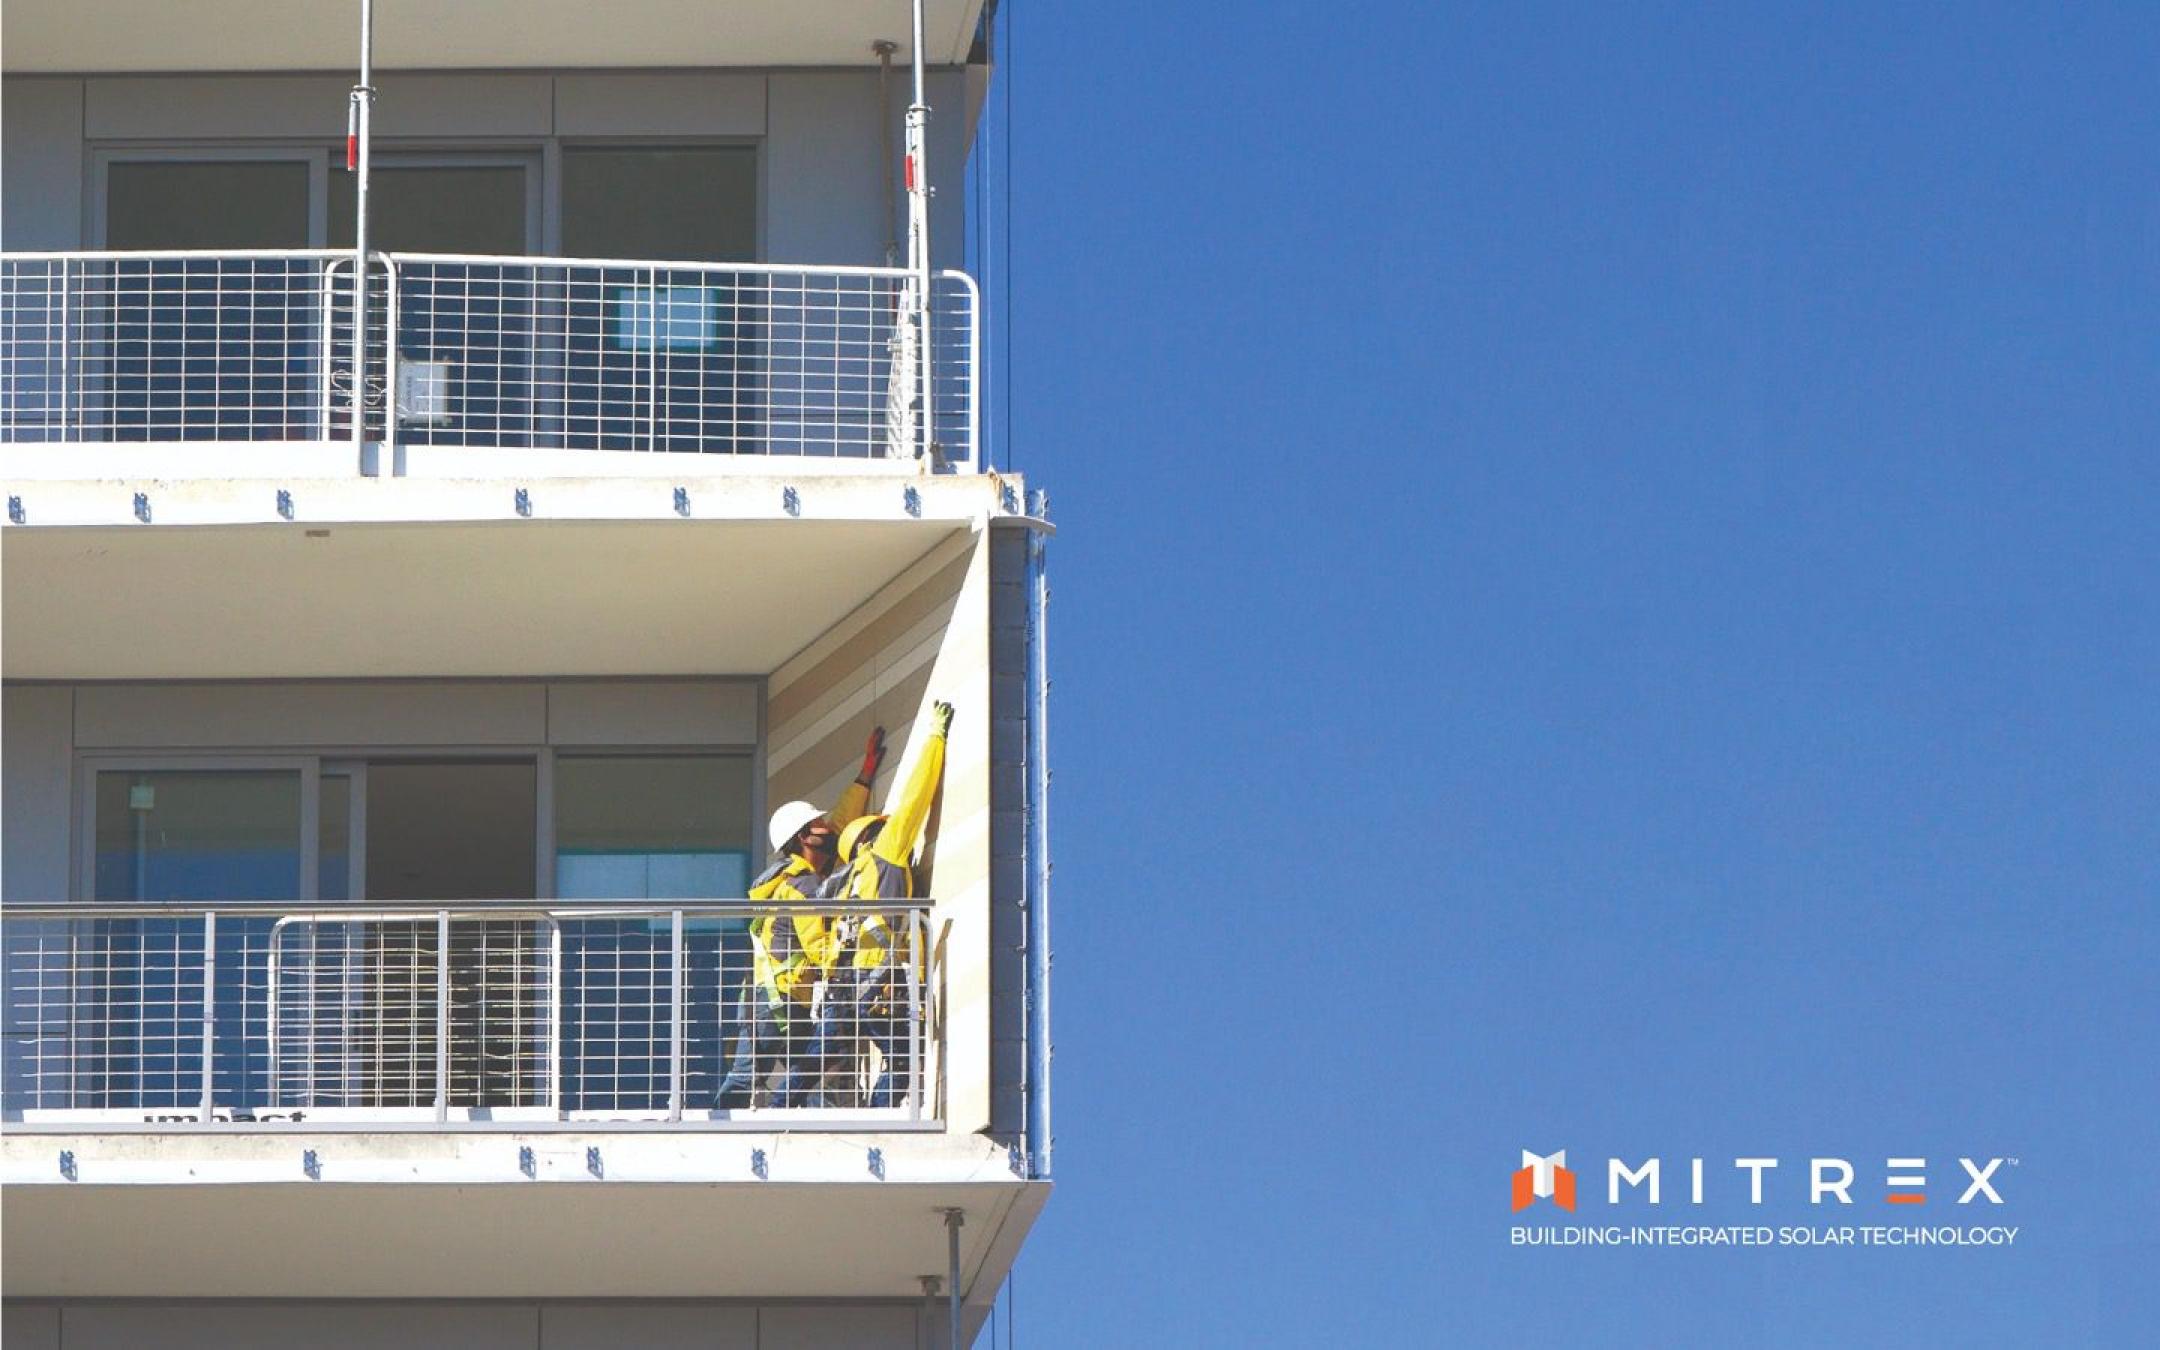 Mitrex Solar Technology